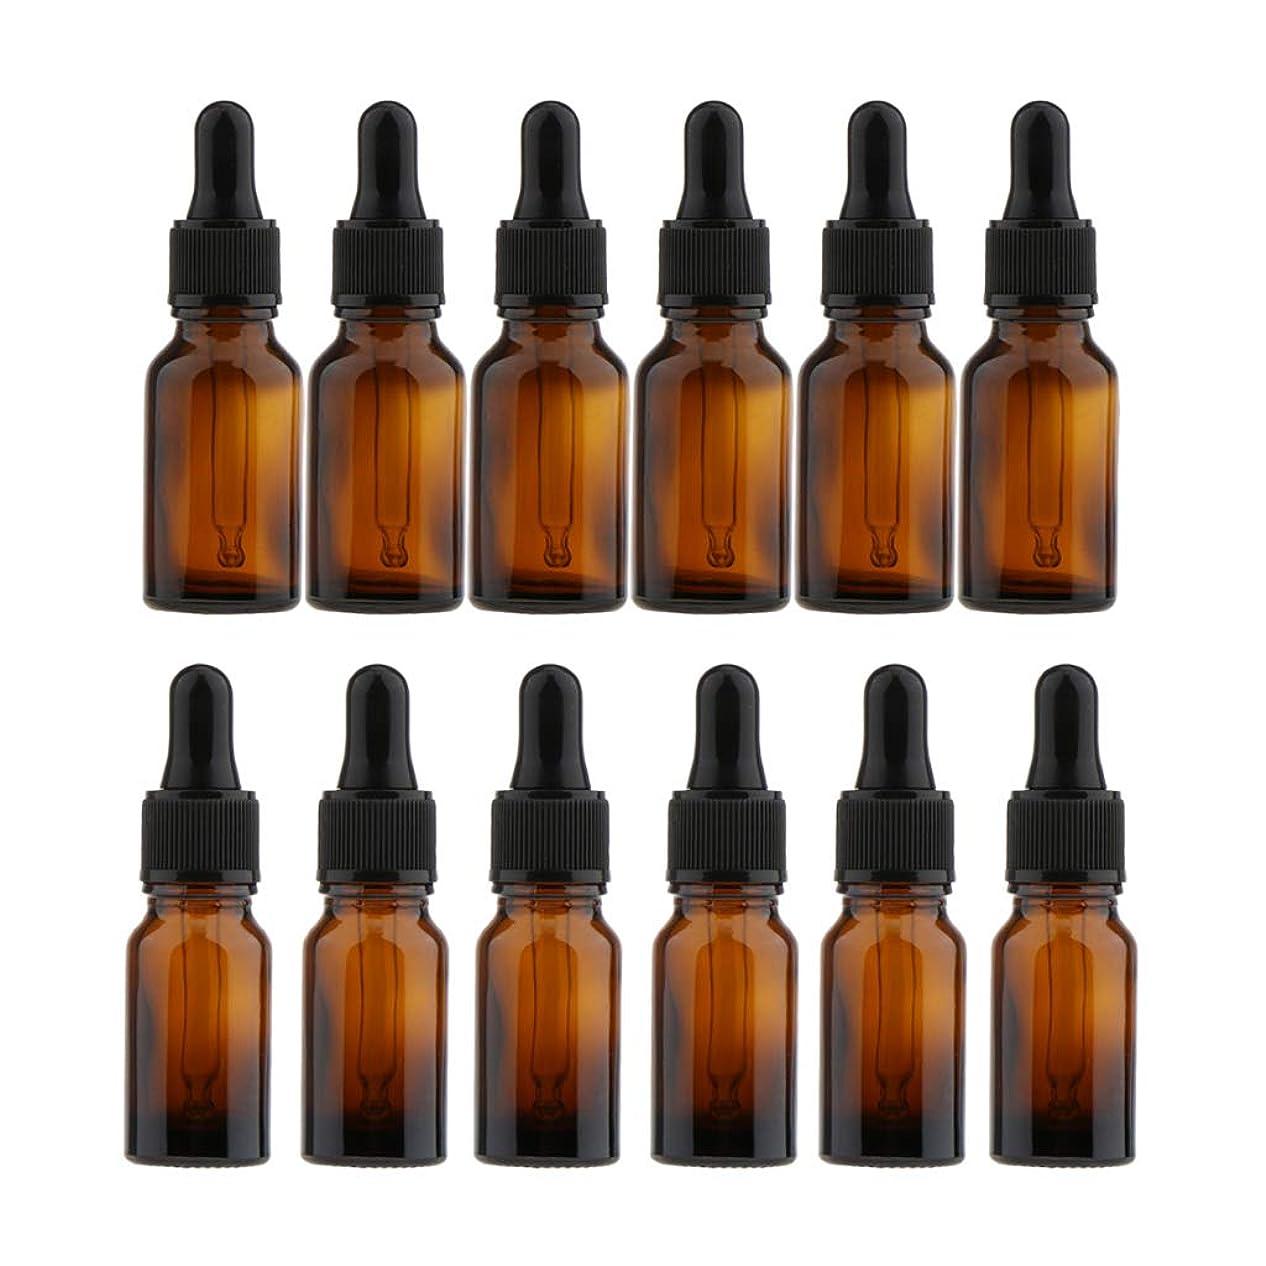 三角寓話対応FLAMEER ガラス瓶 空ボトル 液体容器 ドロッパー 小分け容器 化粧品 香水 精油 携带用 10ml/15ml 12個入